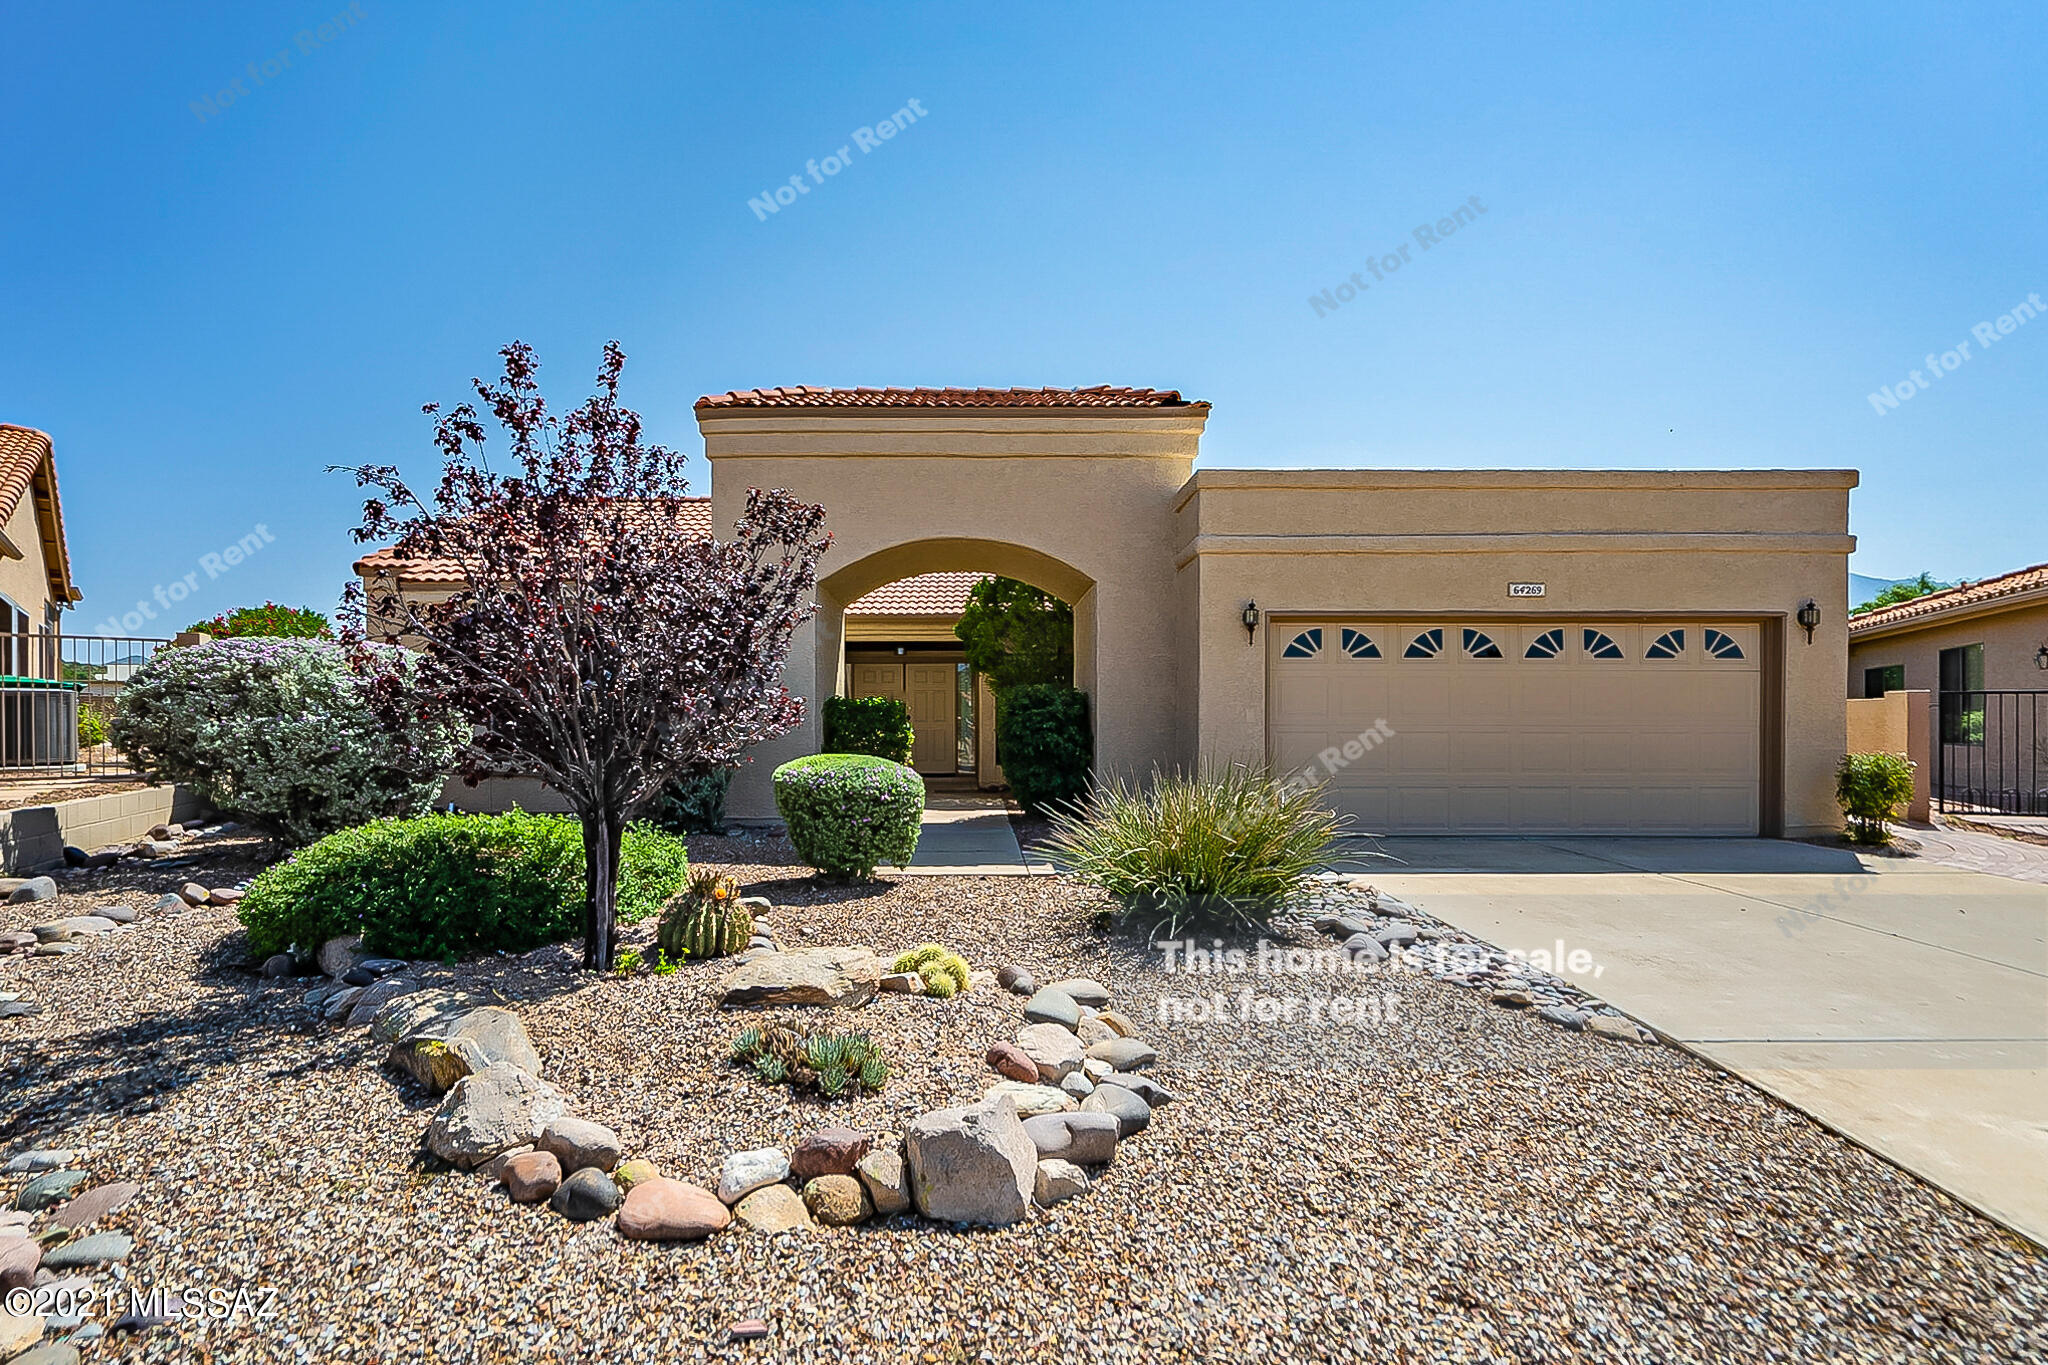 Photo of 64269 E Chippewa Court, Saddlebrooke, AZ 85739